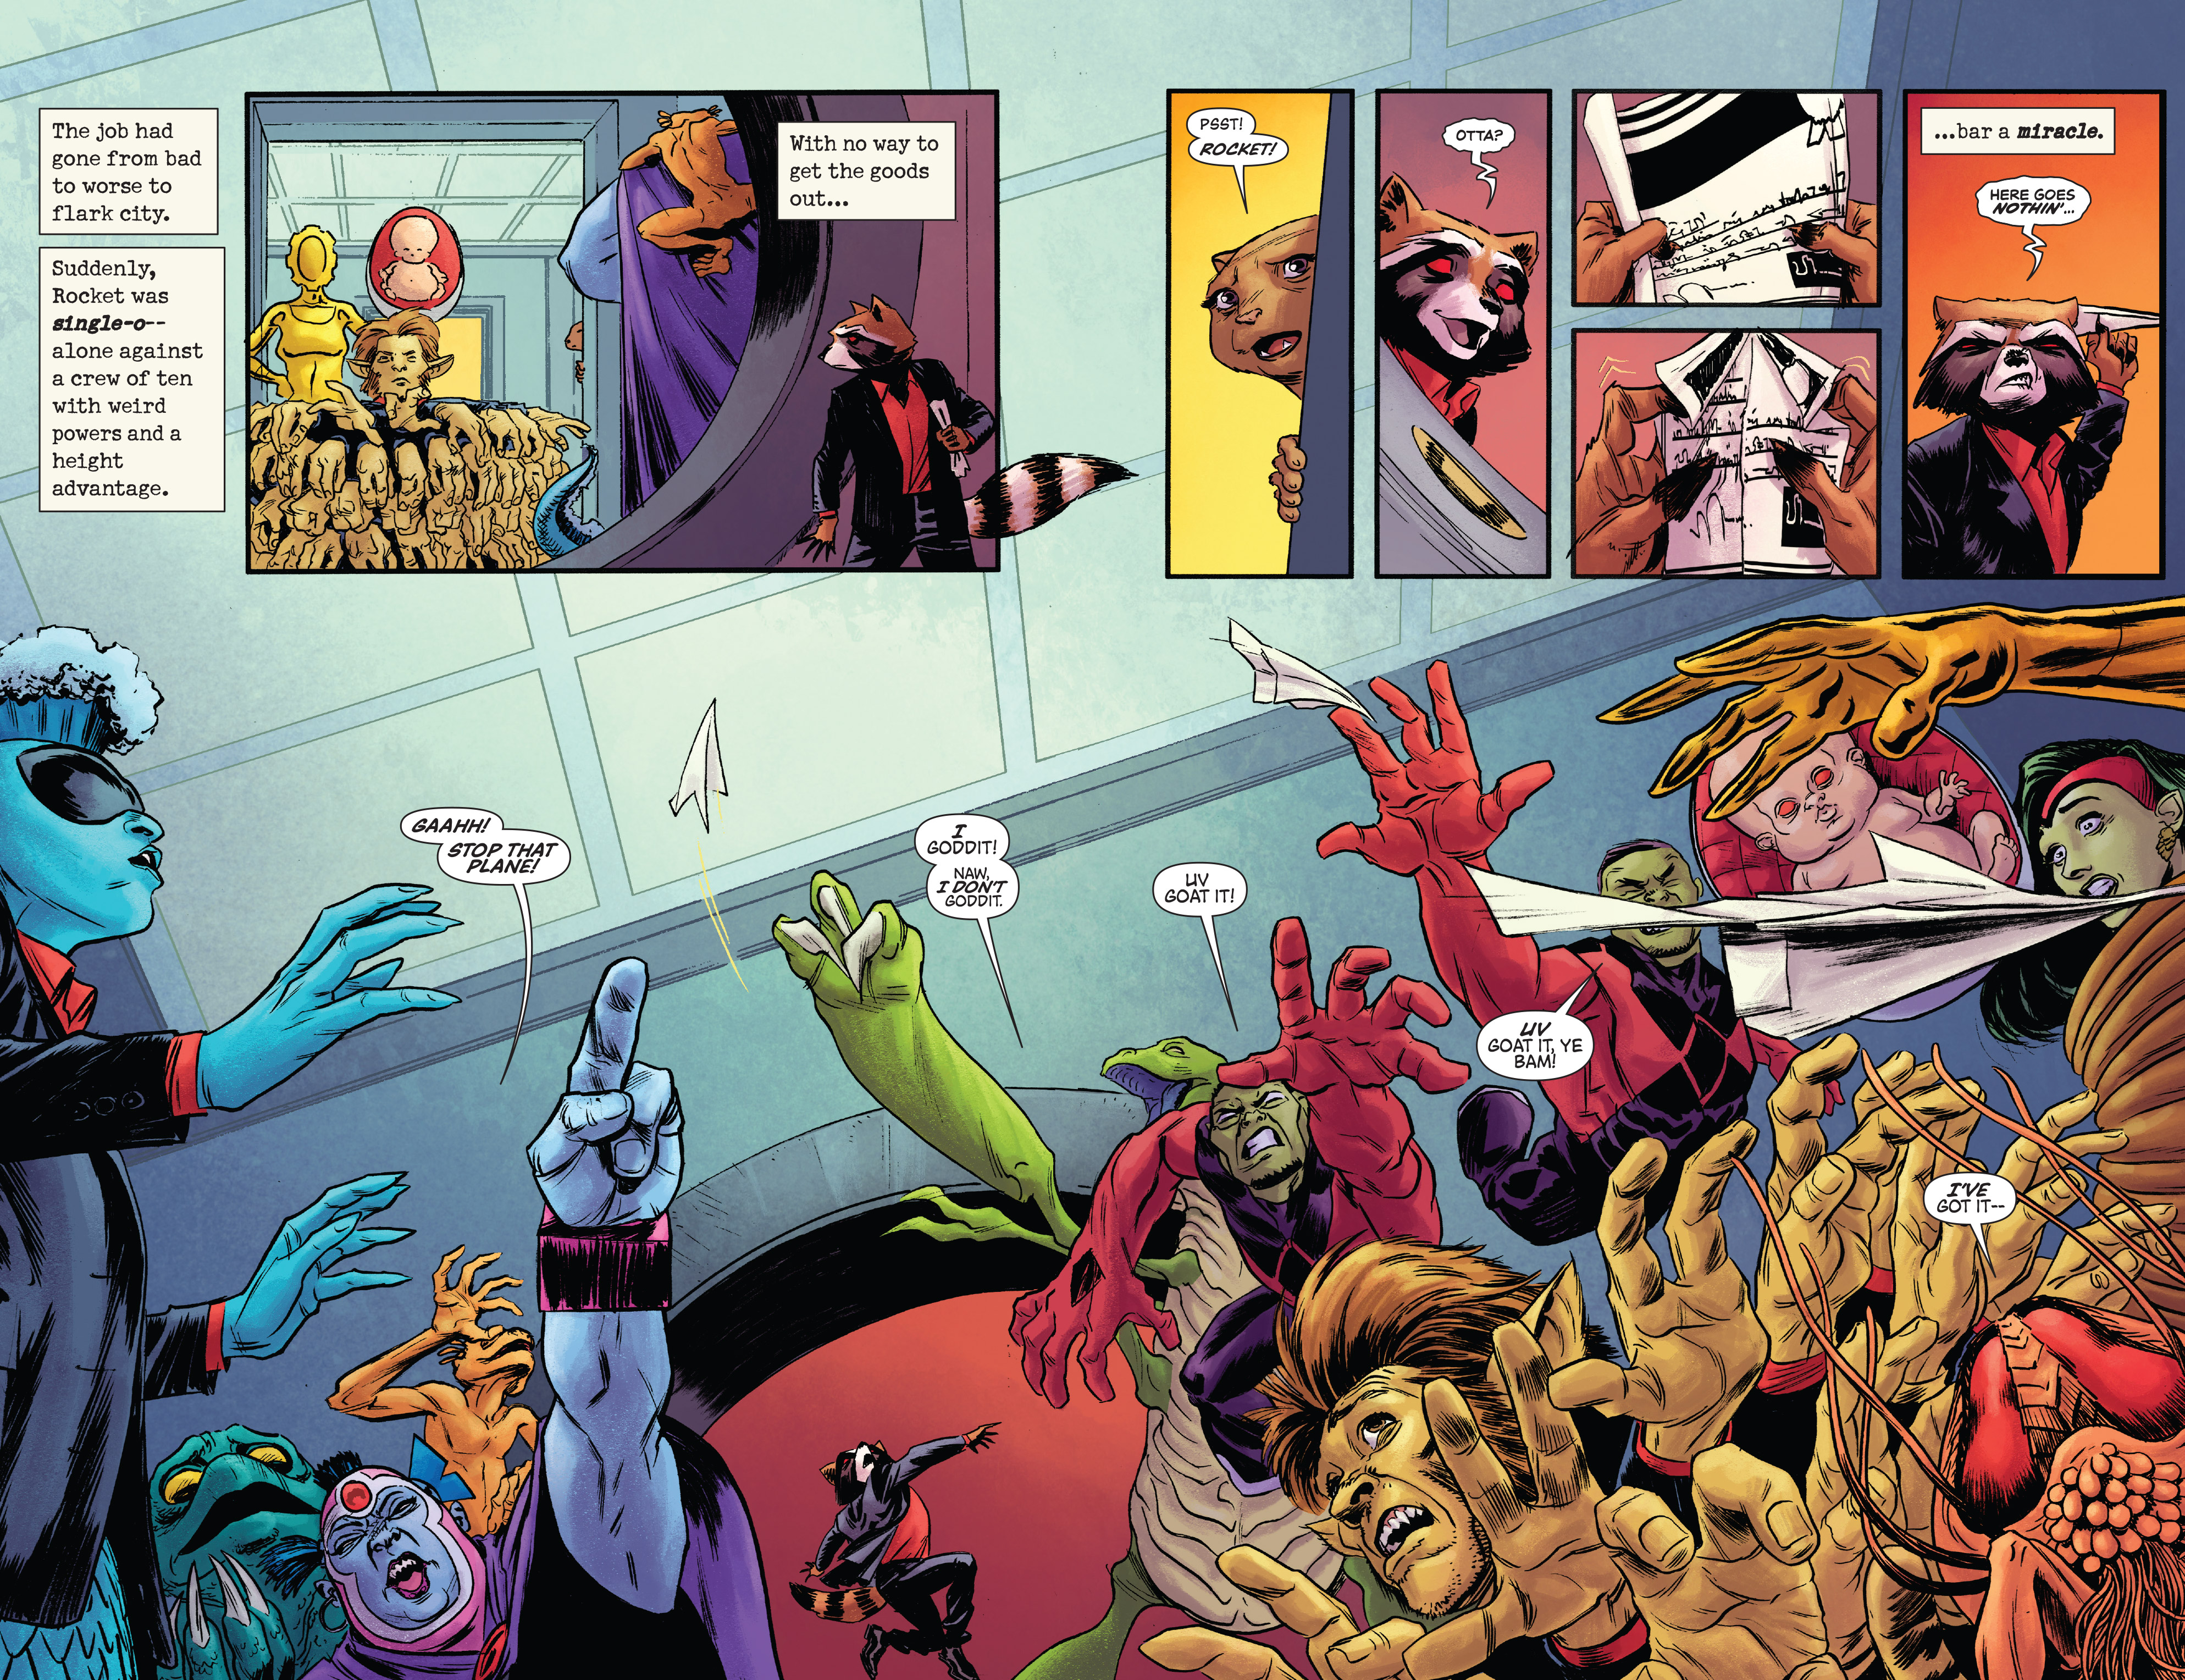 Read online Rocket comic -  Issue #2 - 12